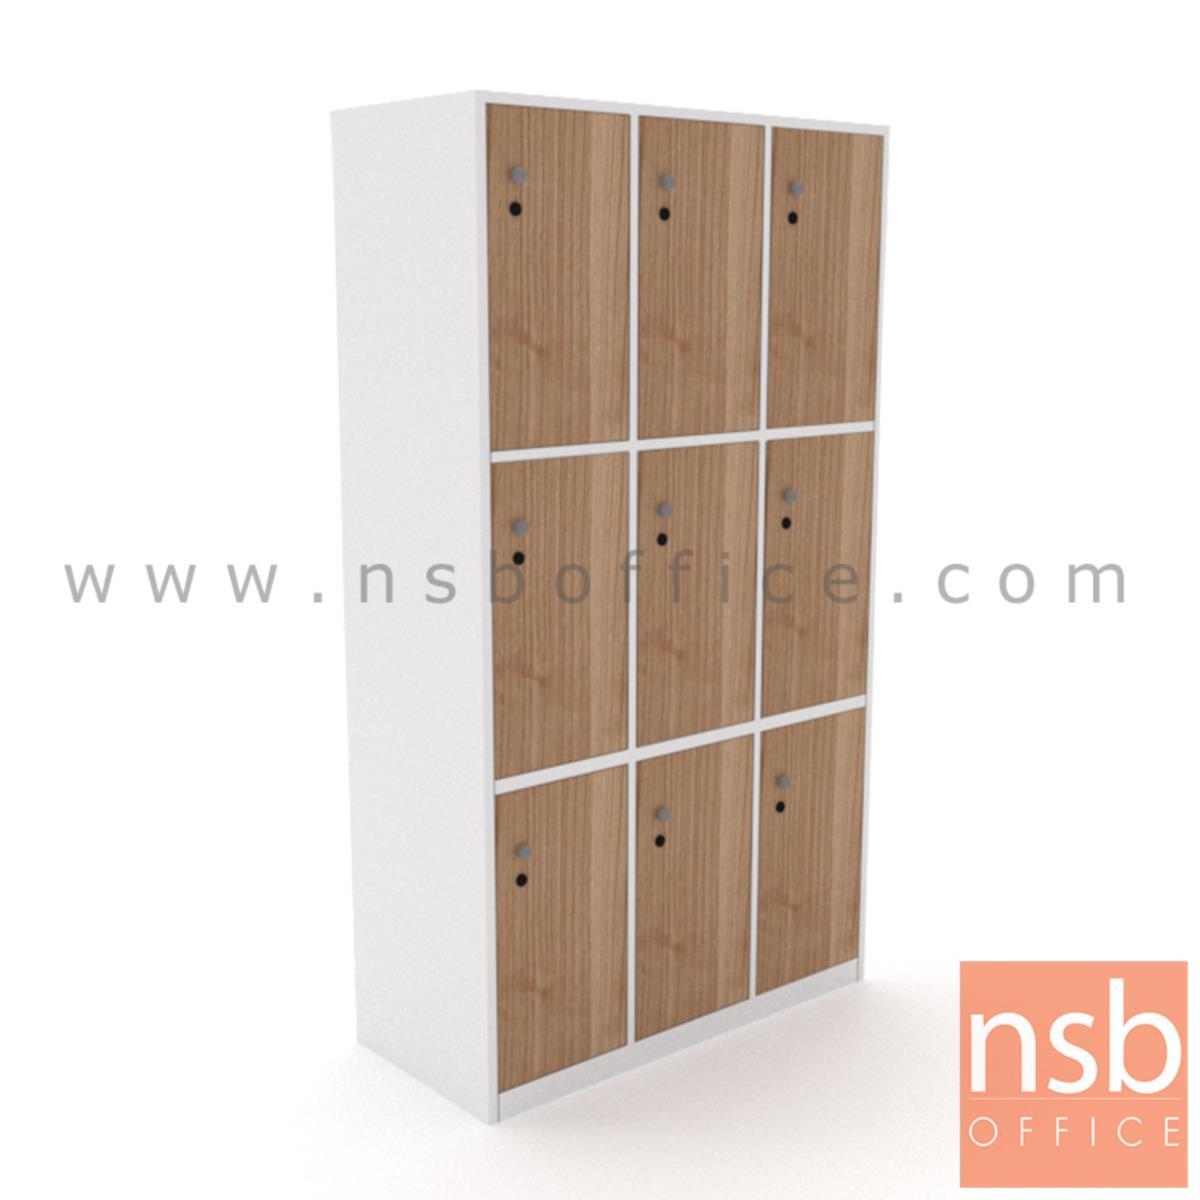 ตู้ล็อกเกอร์ไม้ 9 ประตู  รุ่น Nivosa 2 (นิโวซ่า 2) ขนาด 90W*90H ,120H ,160H cm. พร้อมกุญแจล็อค